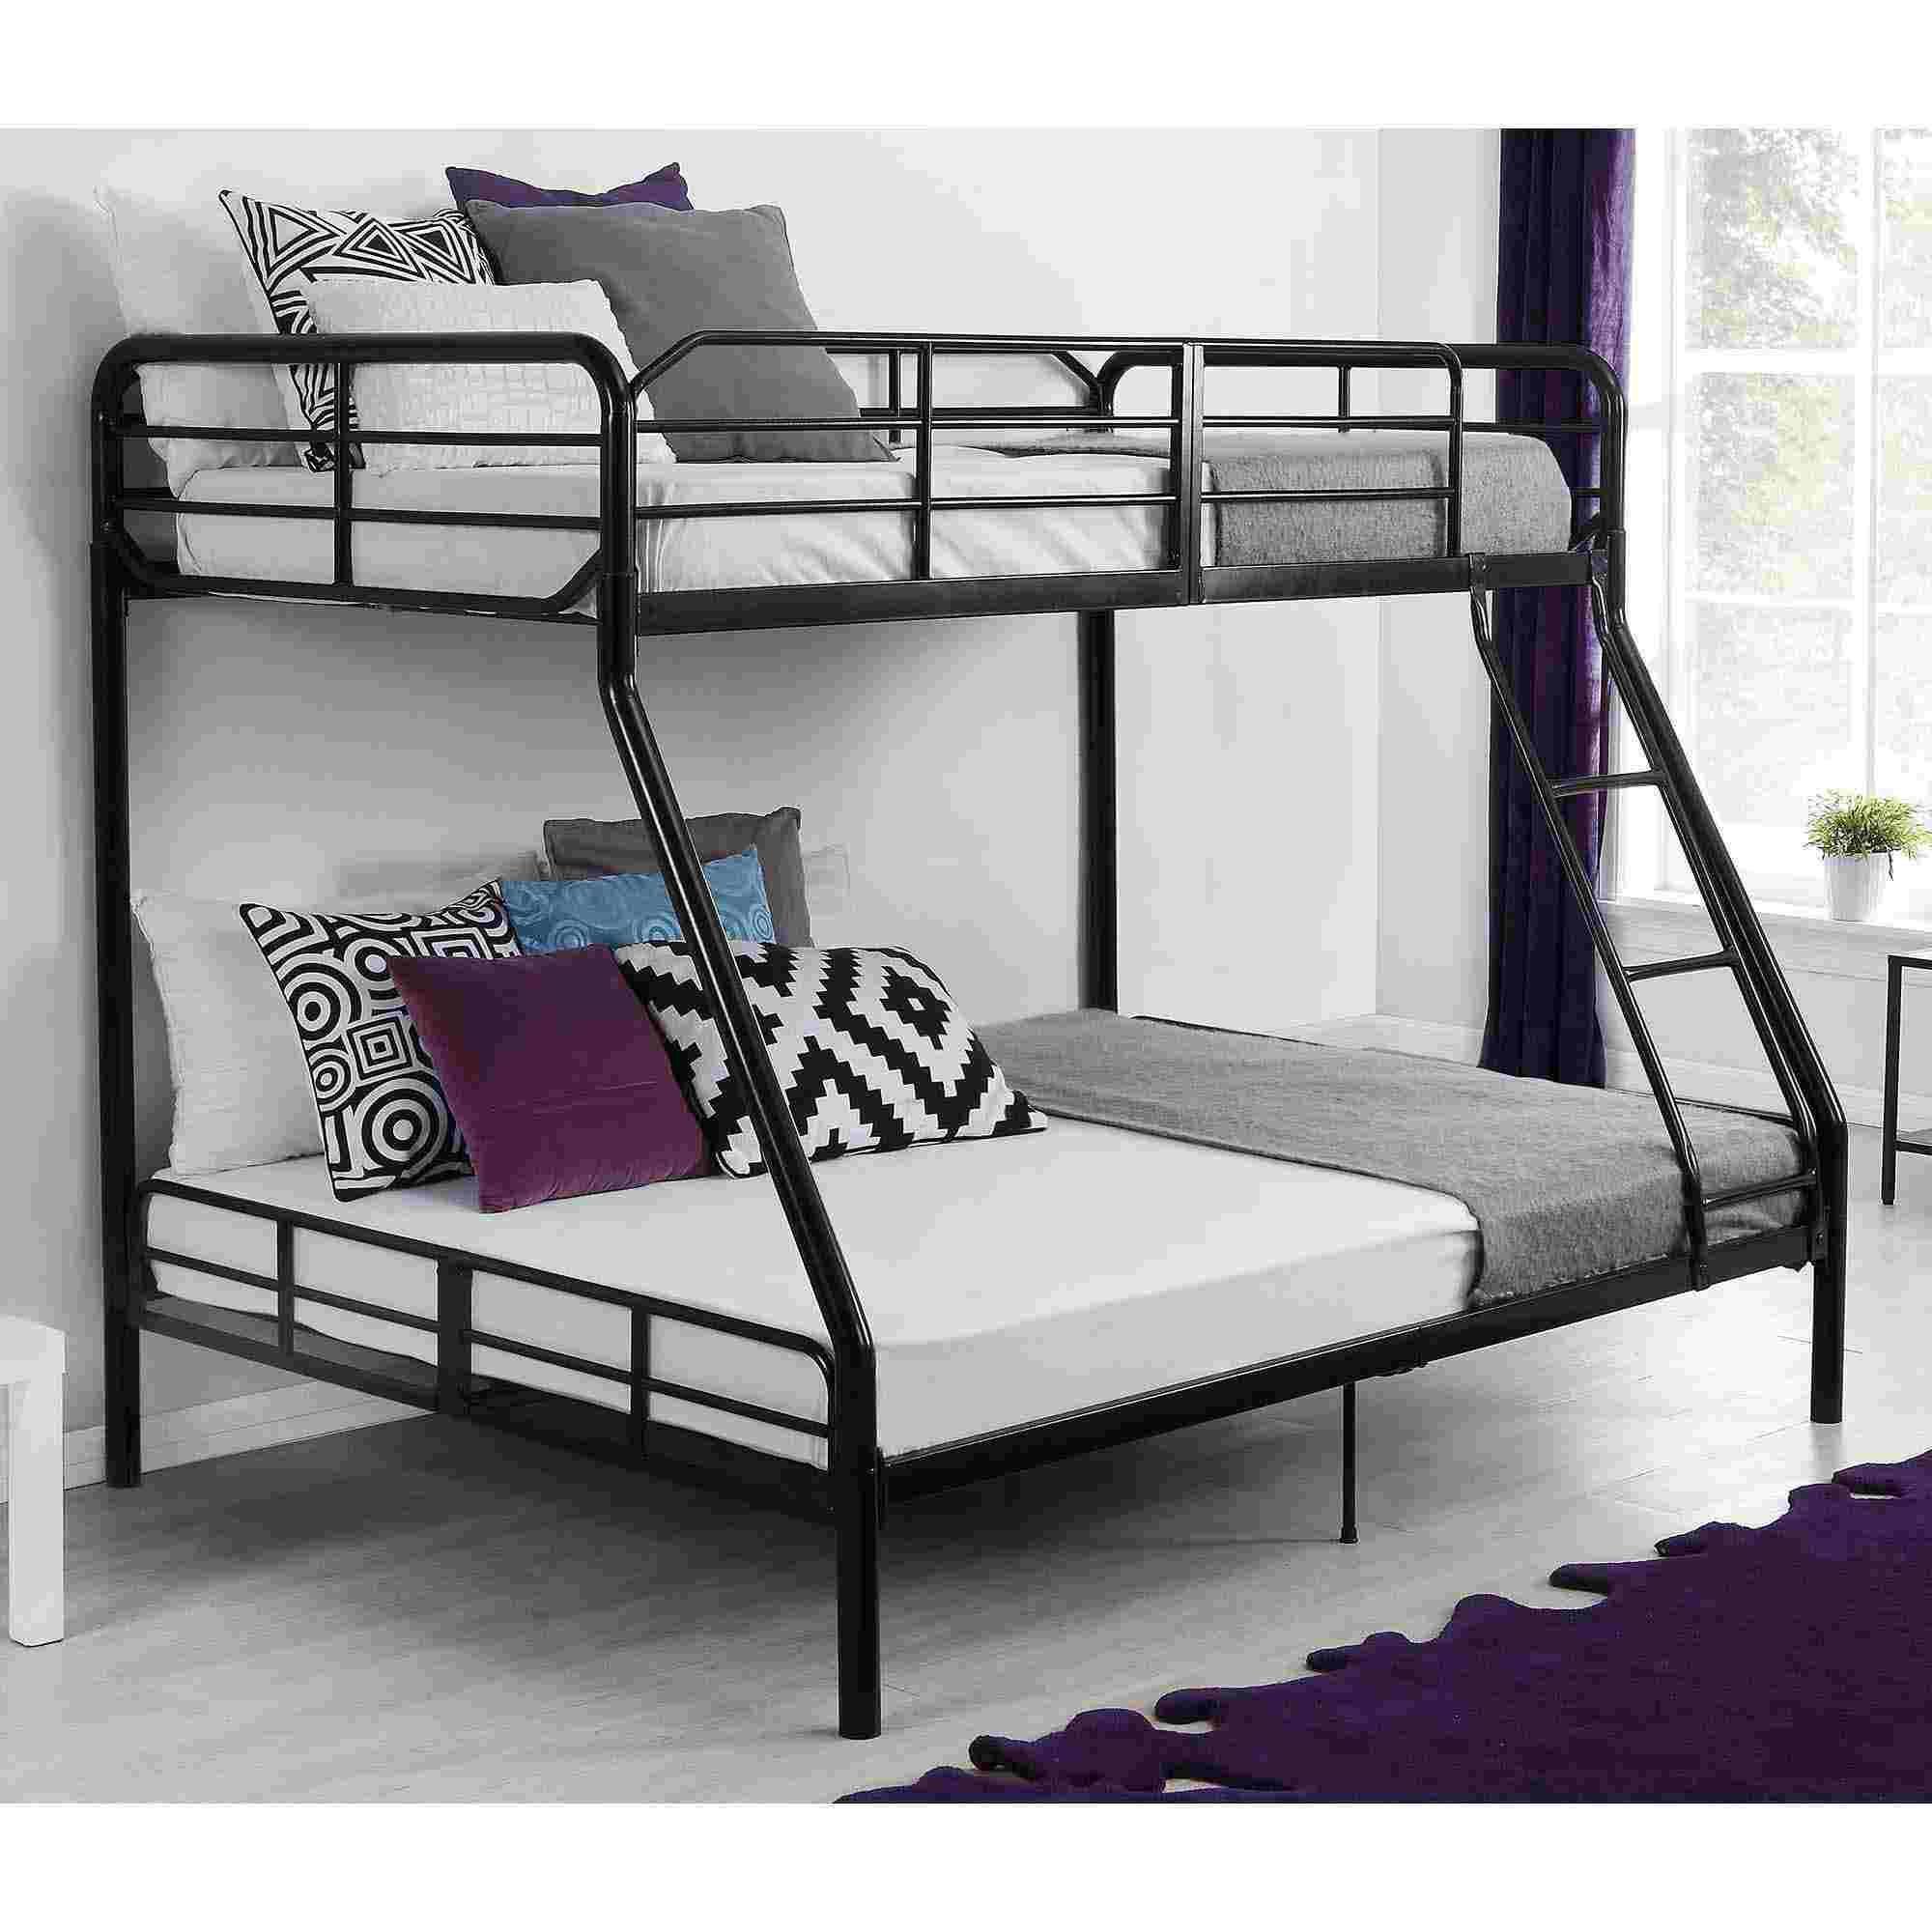 lit mezzanine 2 places et lits superpos s 23 photos. Black Bedroom Furniture Sets. Home Design Ideas